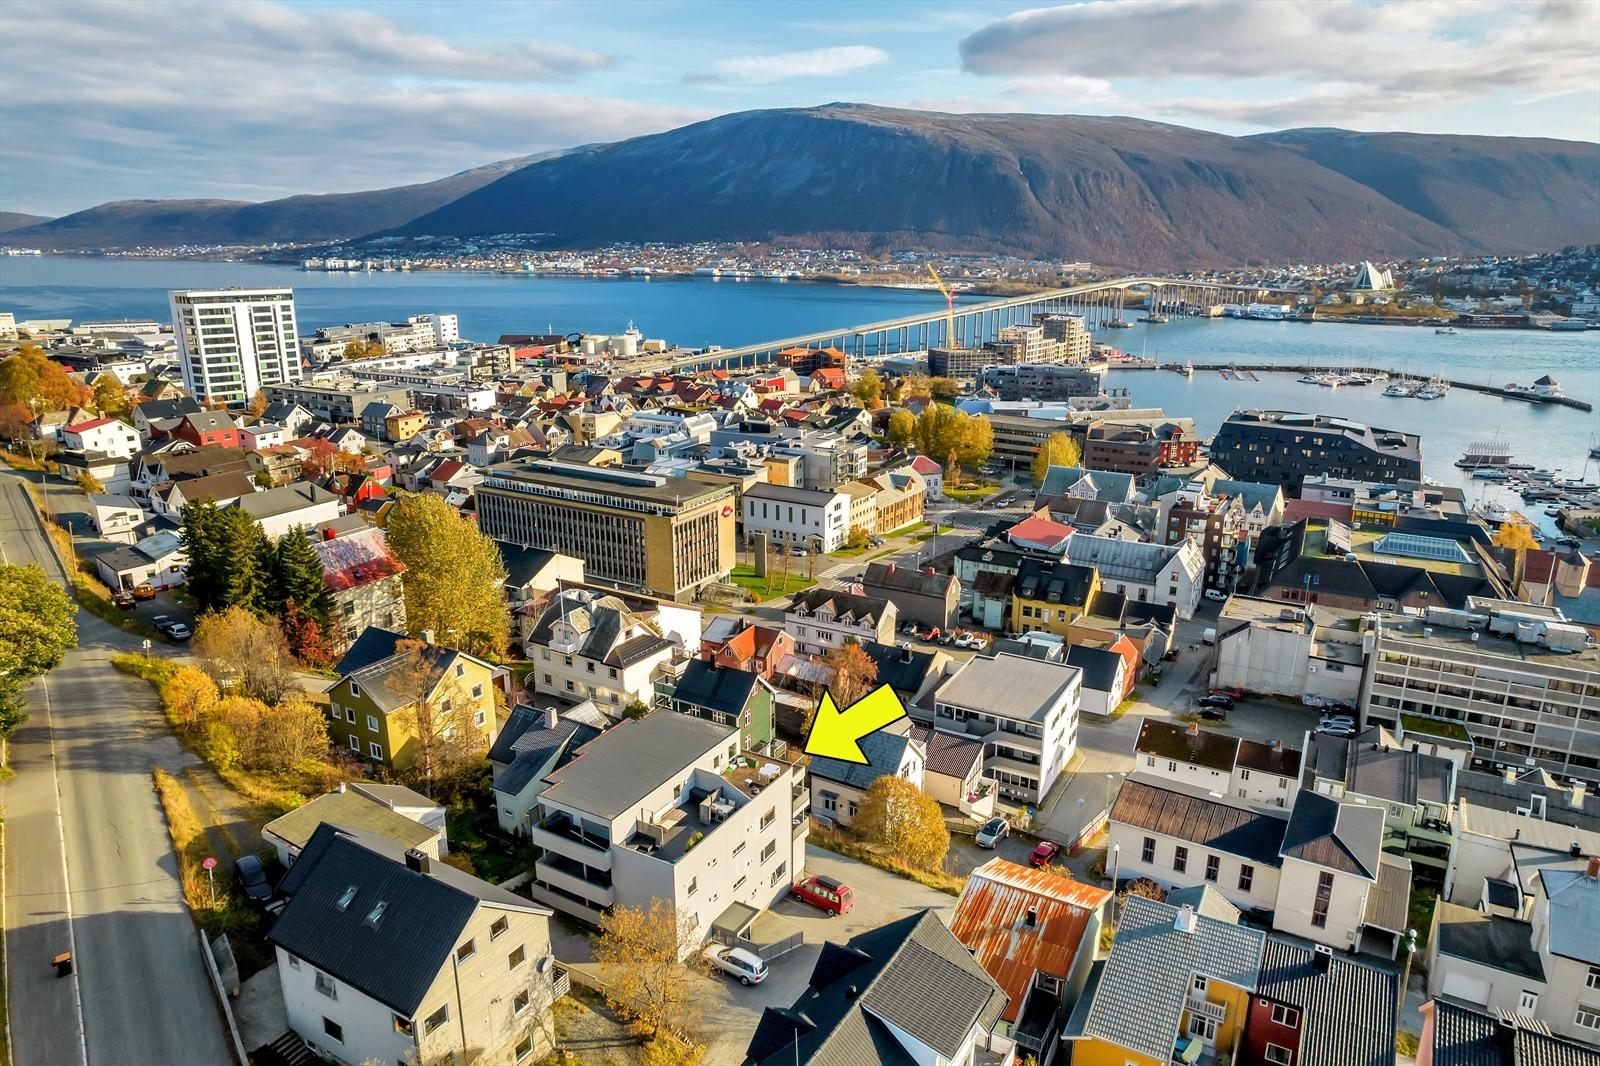 Beliggende med utsikt over byens tak, mot sundet og fastlandet!